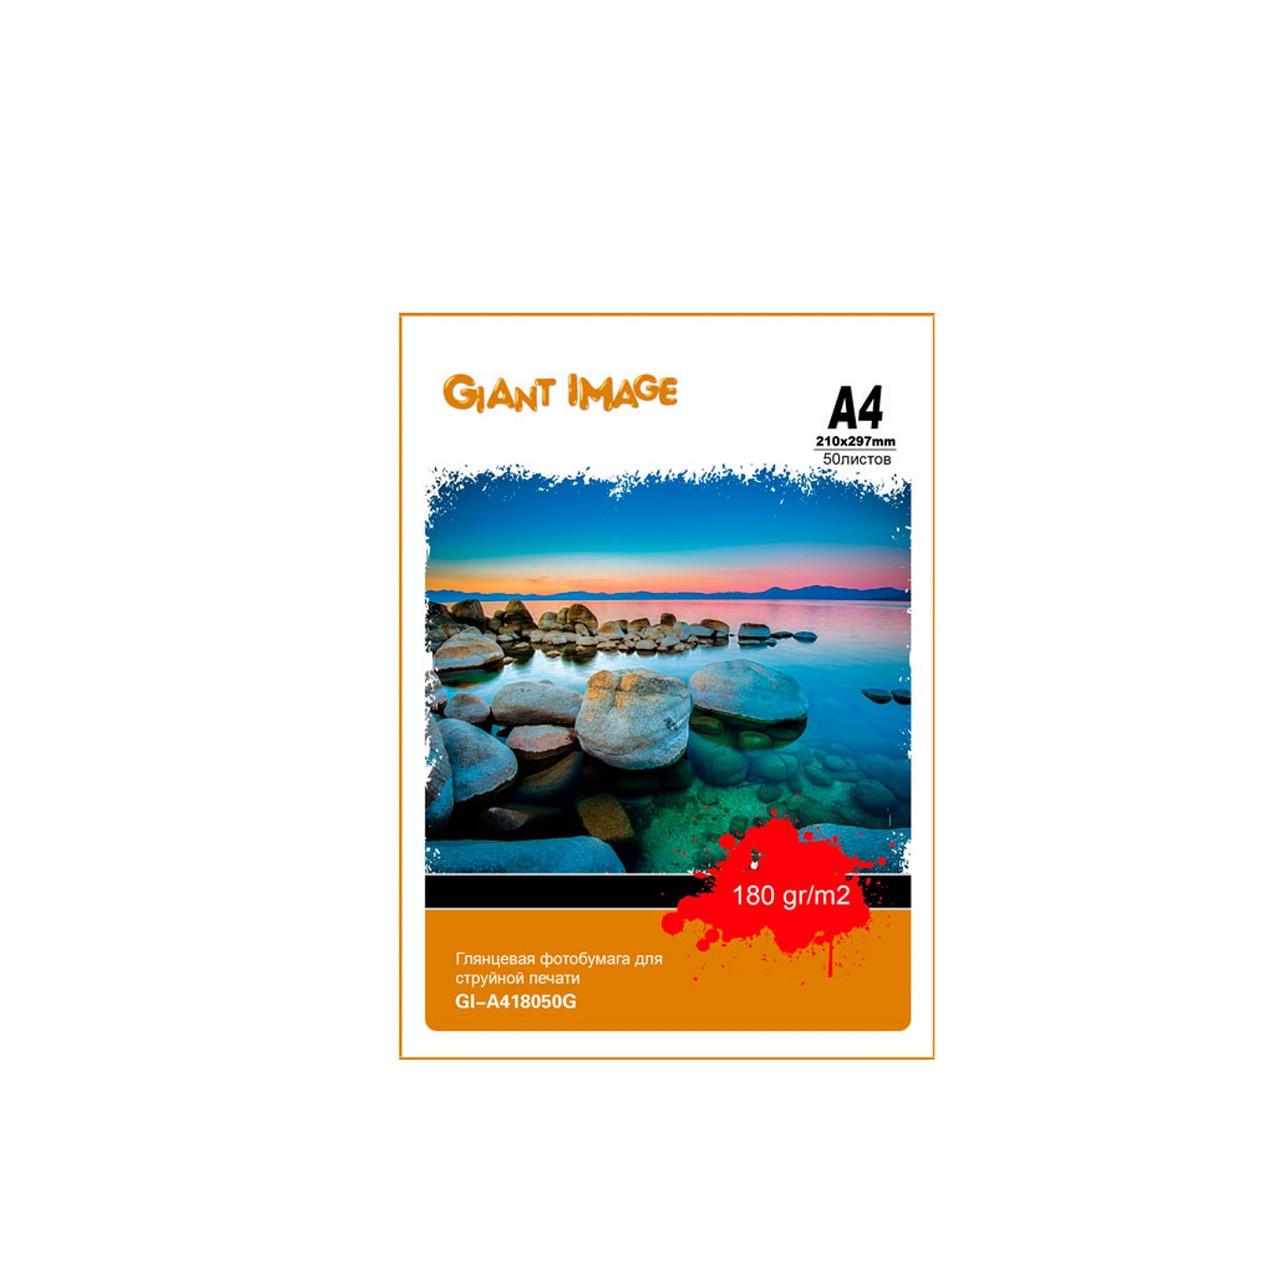 Бумага Giant Image GI-A418050G плотность 180 г/м2 (А4 - 20х30 50 листов) GI-A418050G